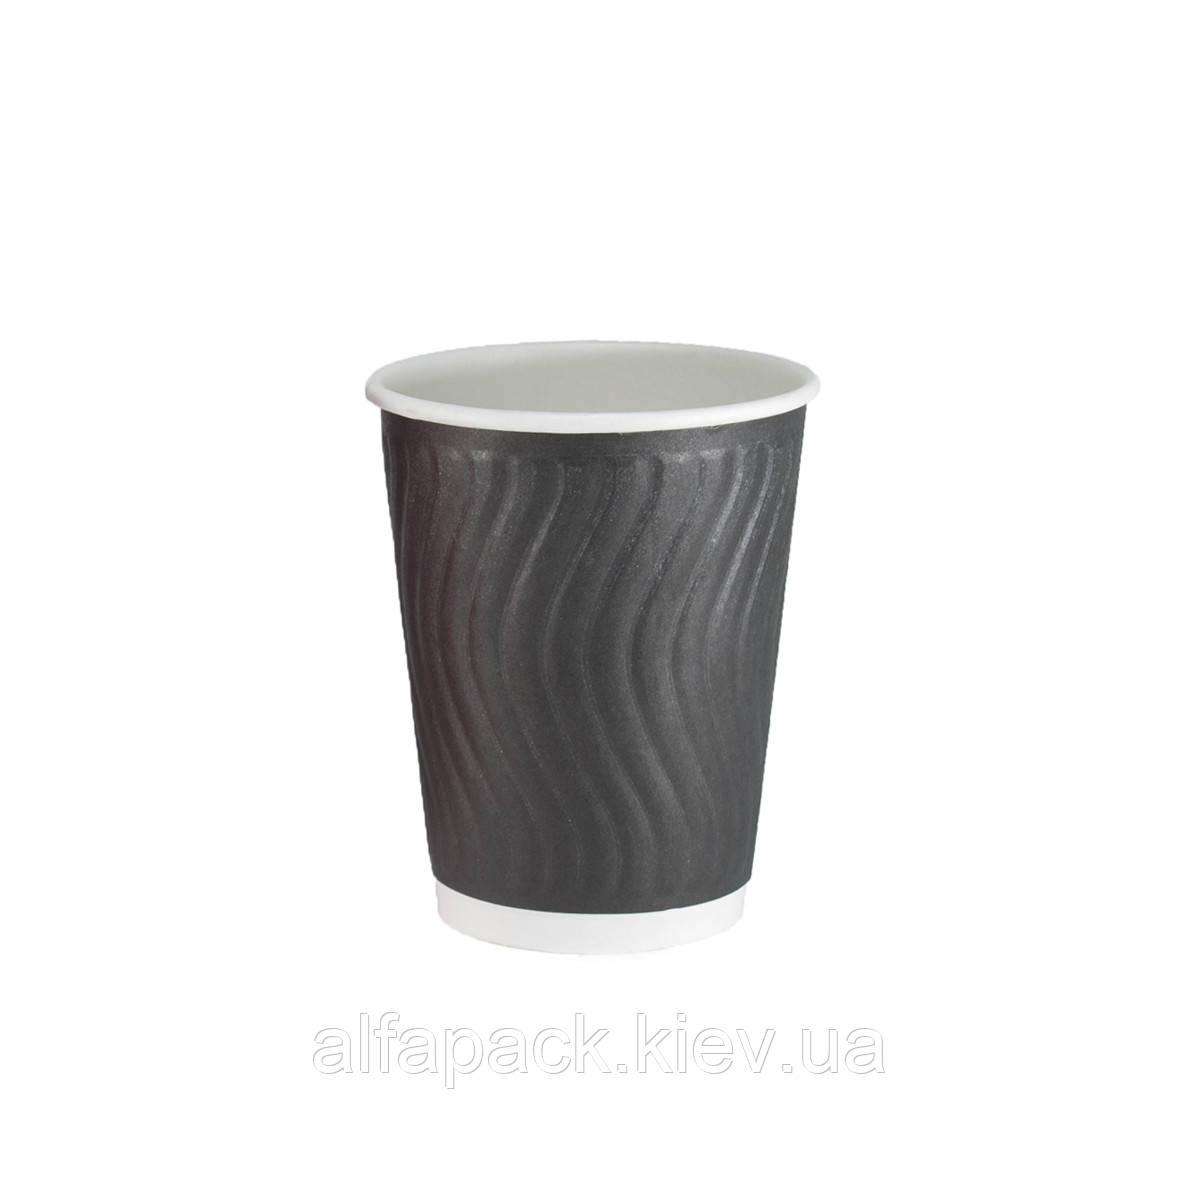 Гофрированный стакан волна черный 340 мл